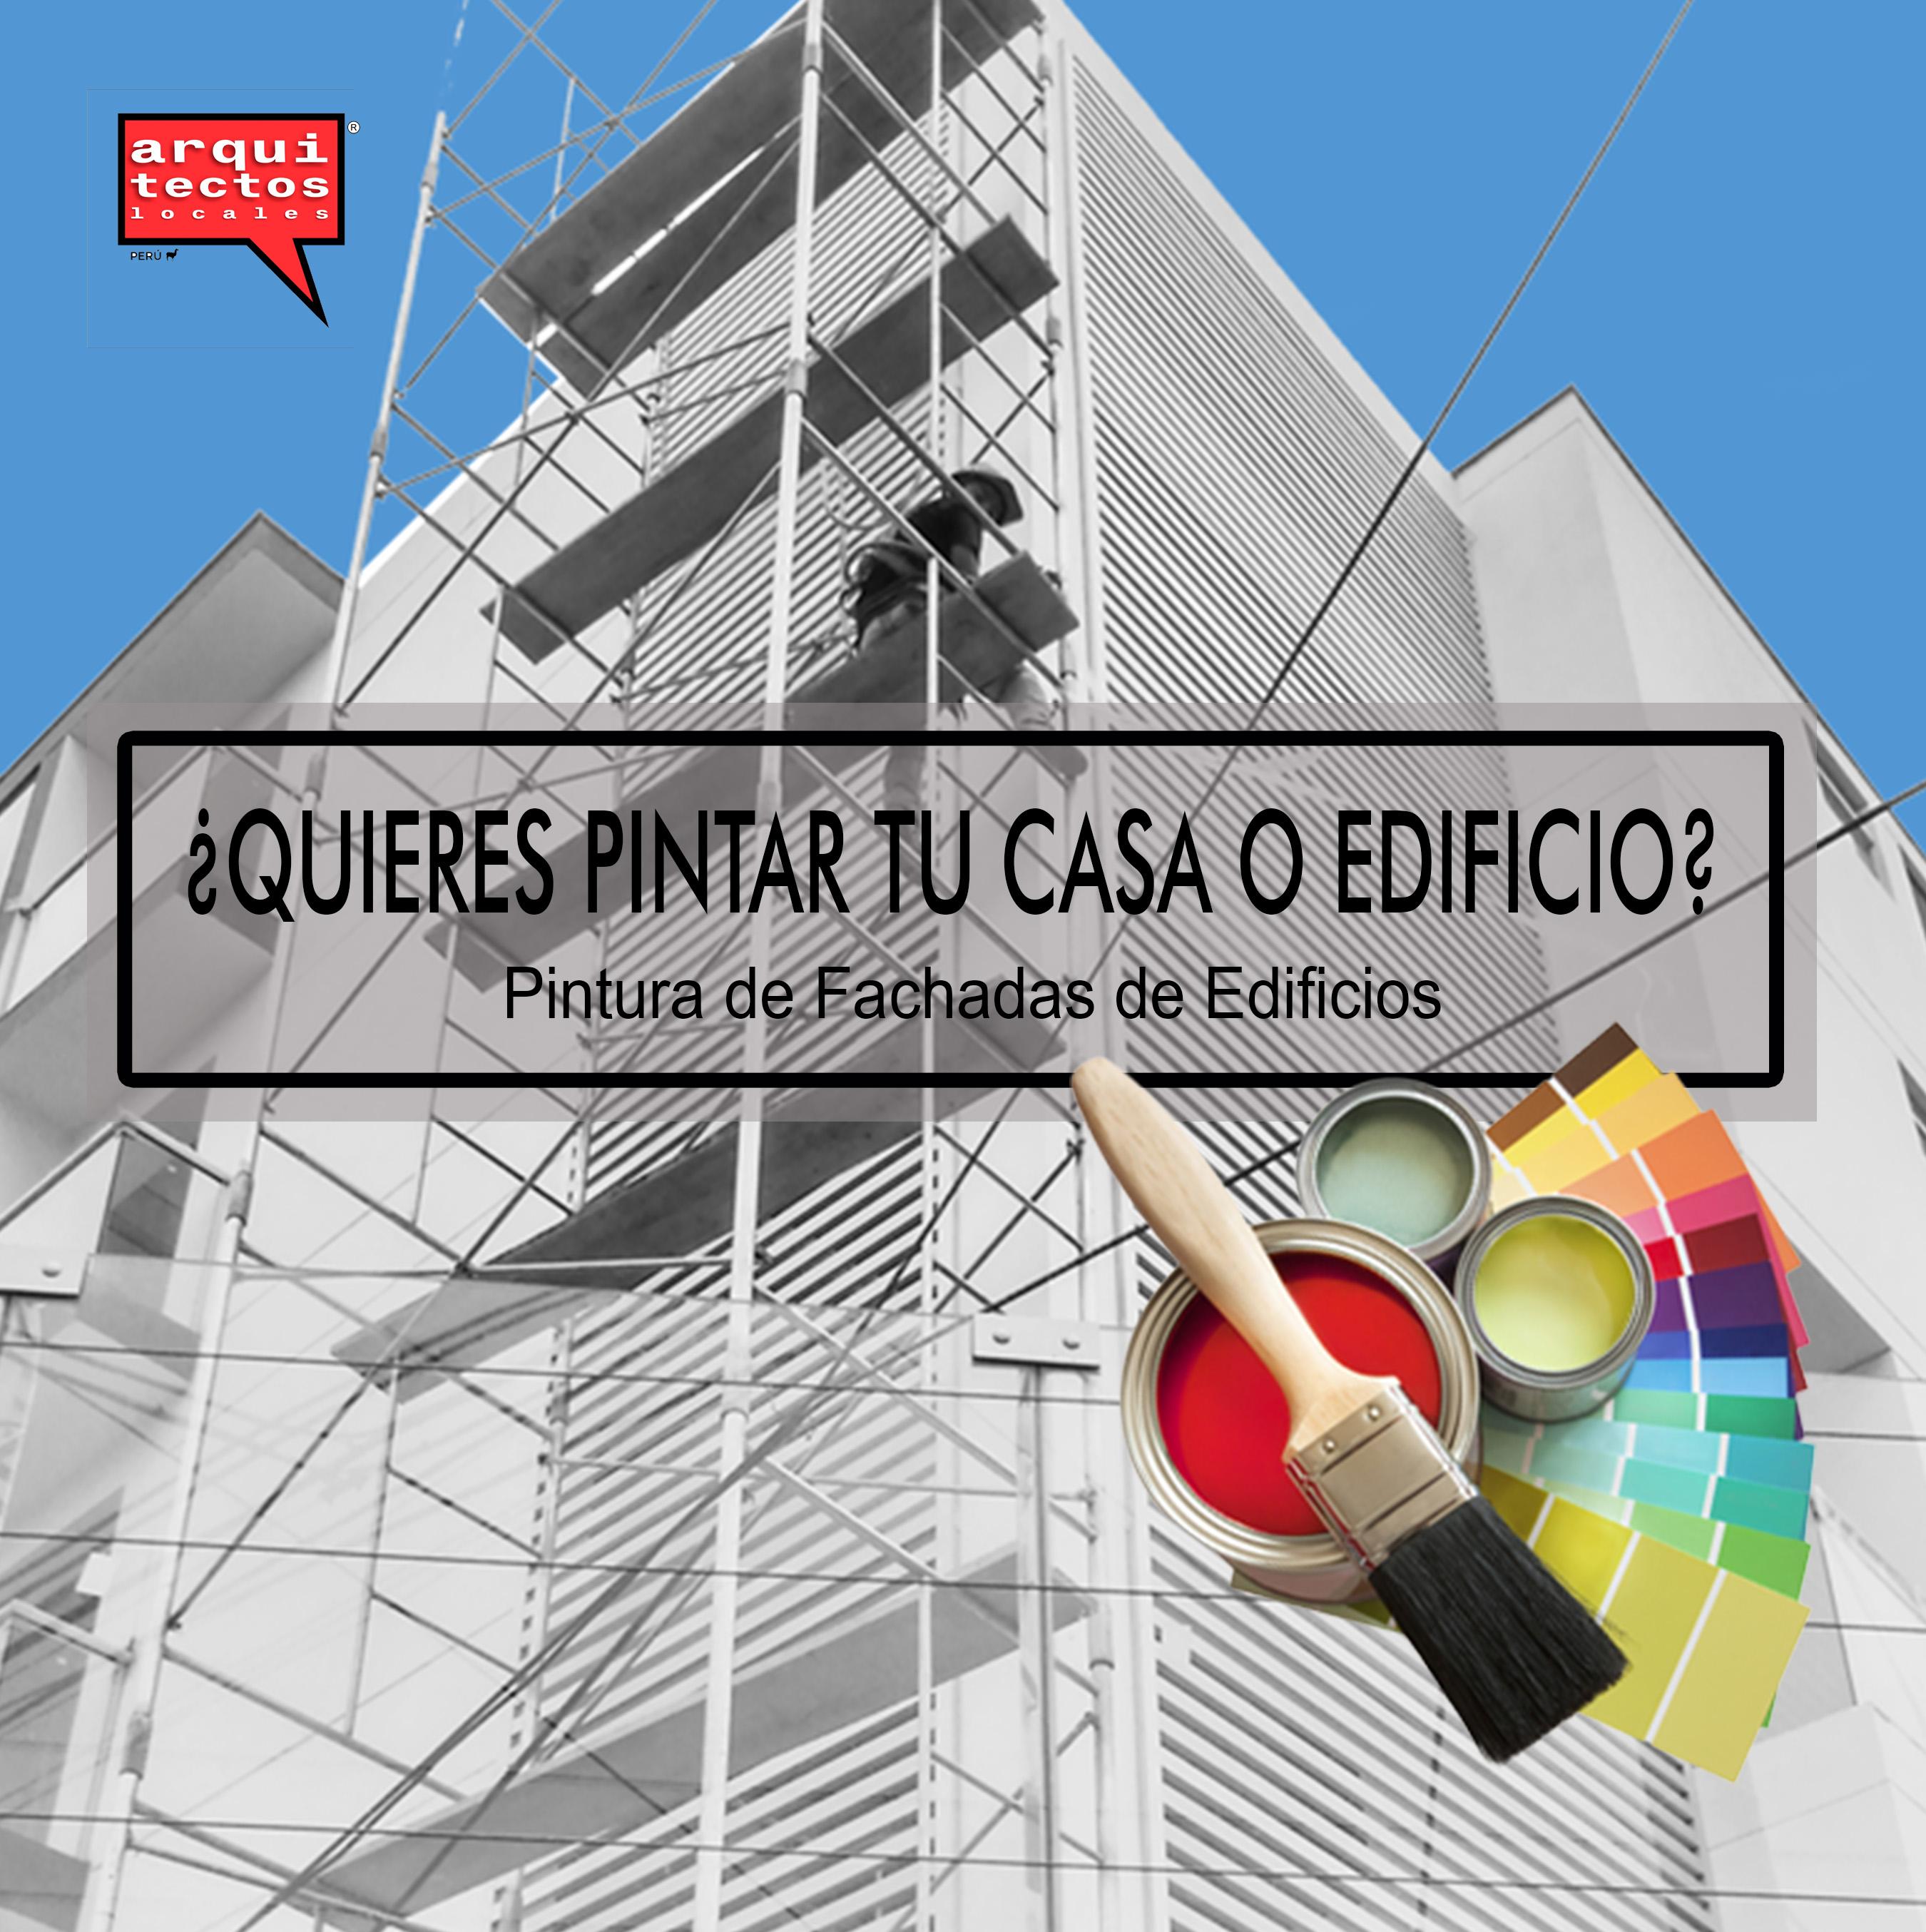 Pintura Fachadas de Edificios